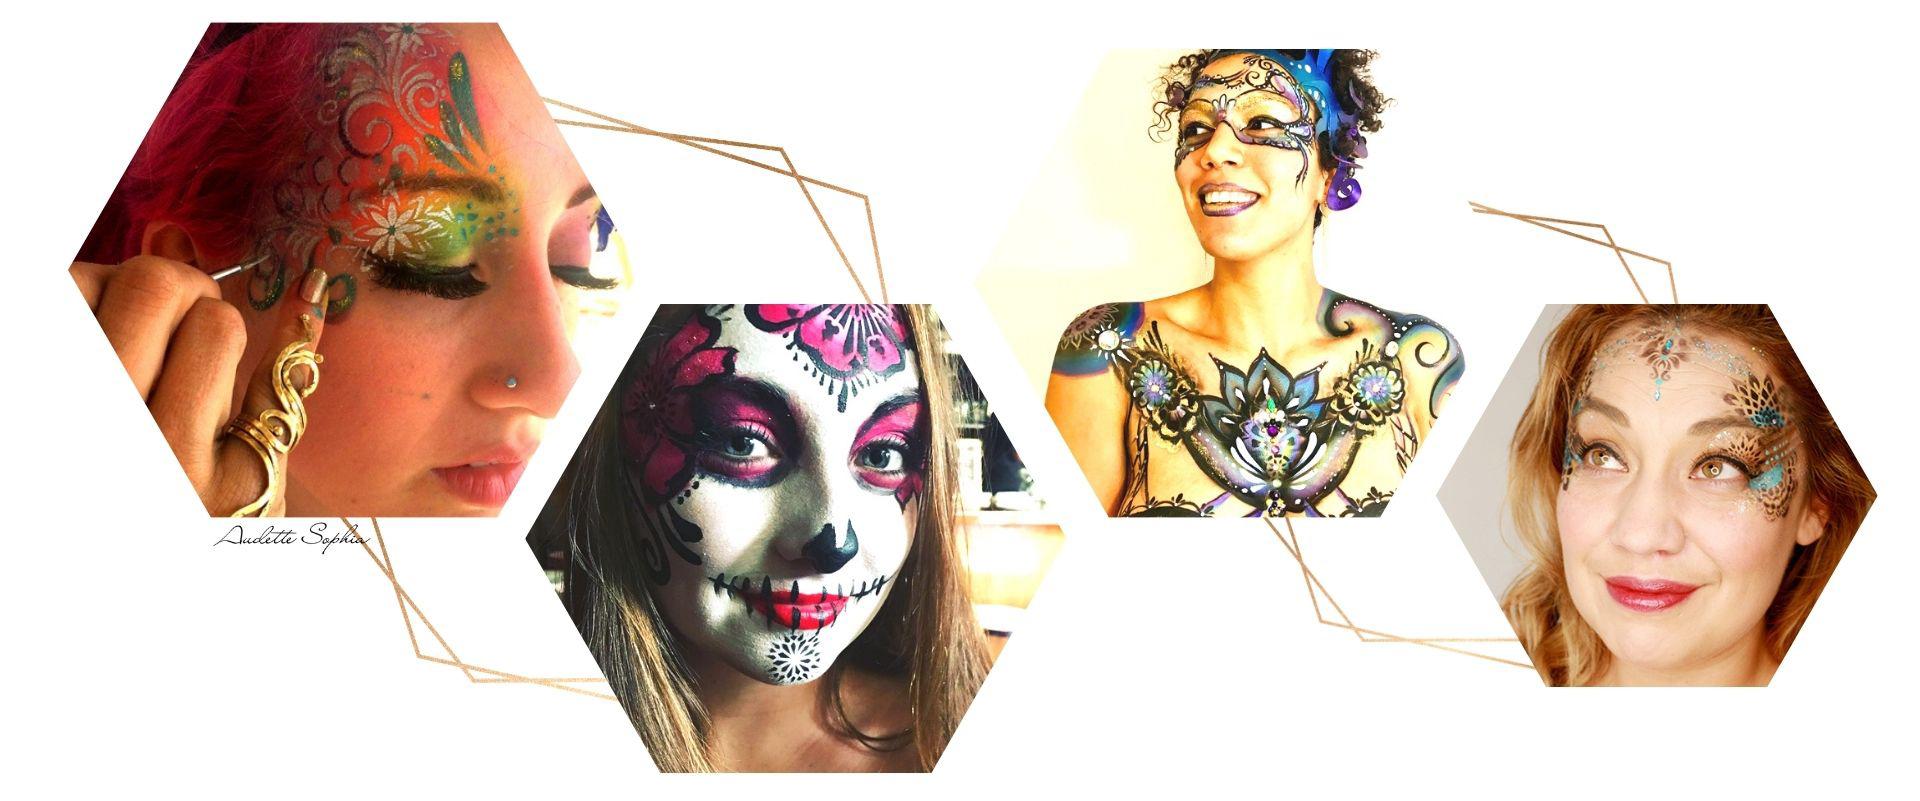 Audette Sophia face body art hexagons